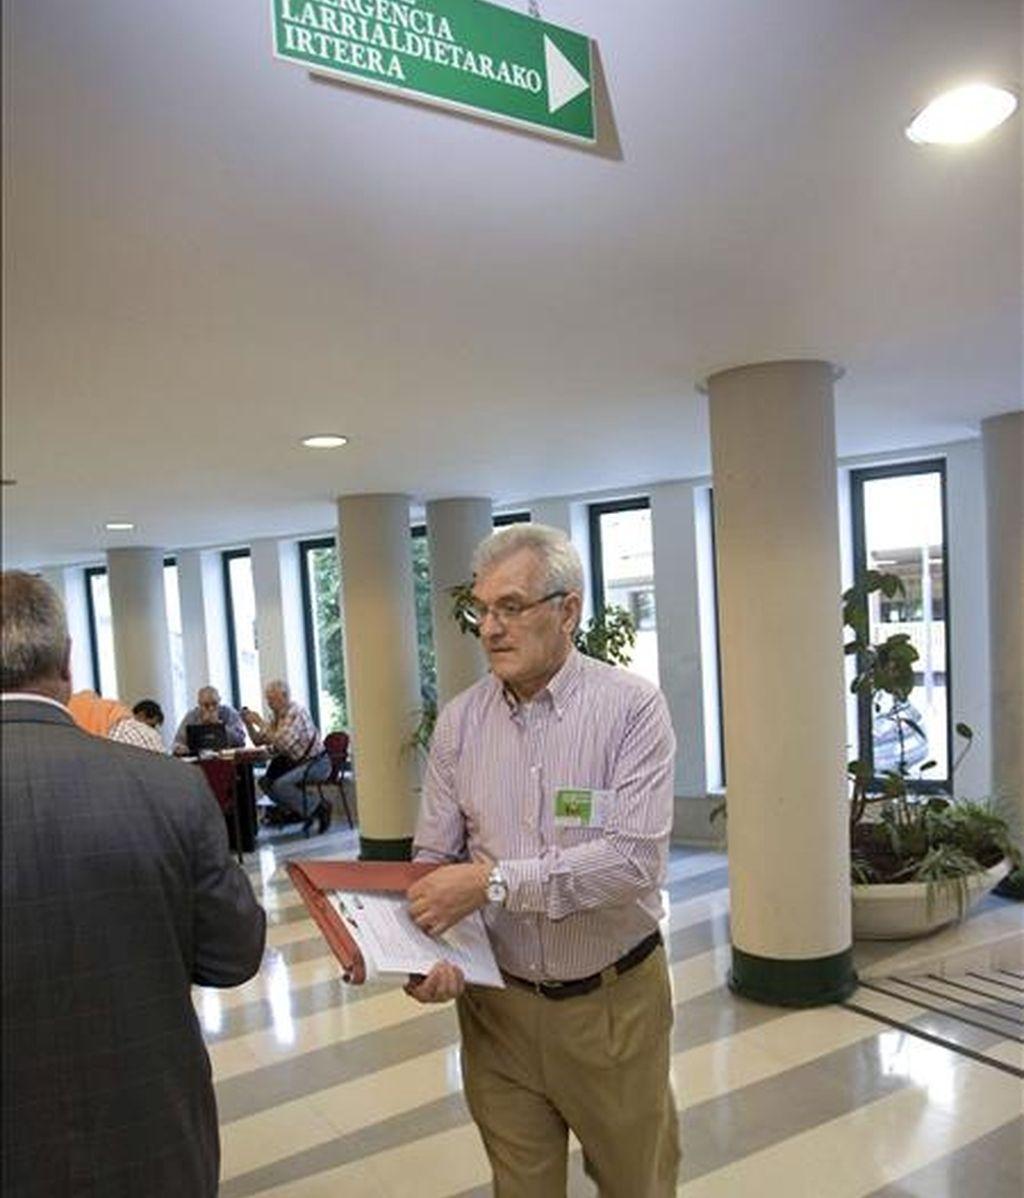 El vicepresidente de Eusko Alkartasuna (EA), Koldo Amezketa, a su llegada esta mañana al Congreso extraordinario de este partido que realizan este fin de semana en Vitoria después de los malos resultados obtenidos en las elecciones autonómicas vascas del pasado 1 de marzo. EFE